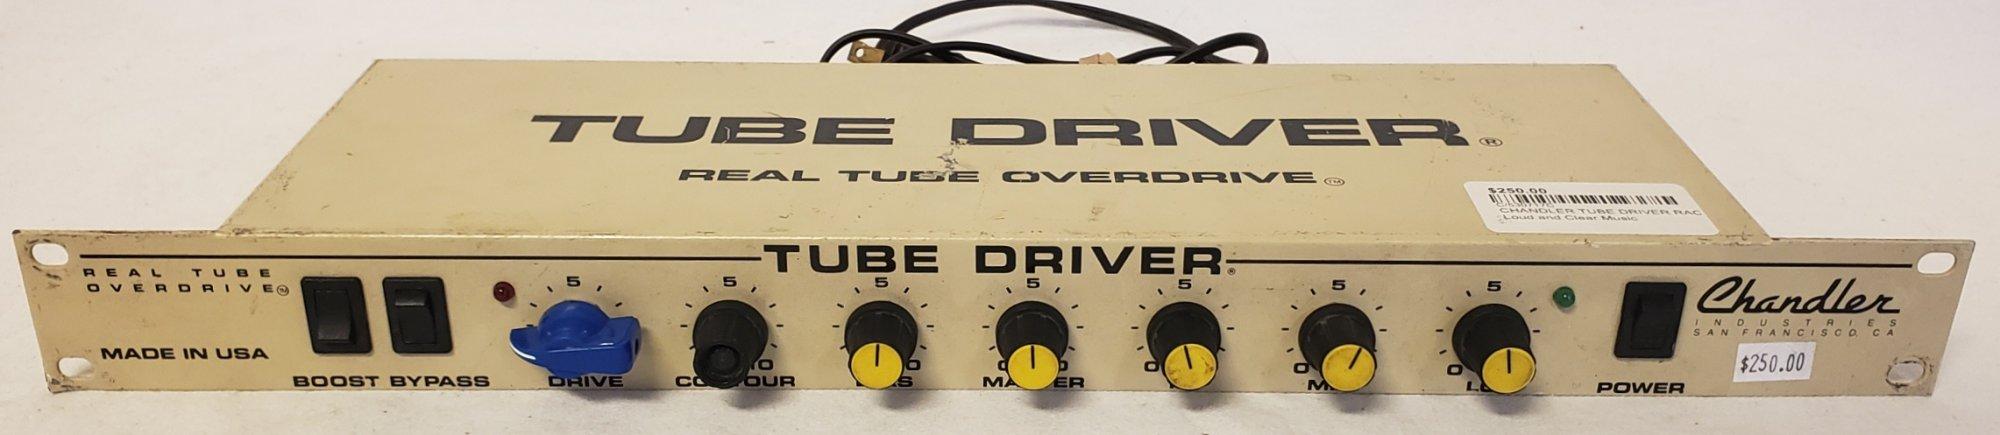 CHANDLER TUBE DRIVER RACK FX